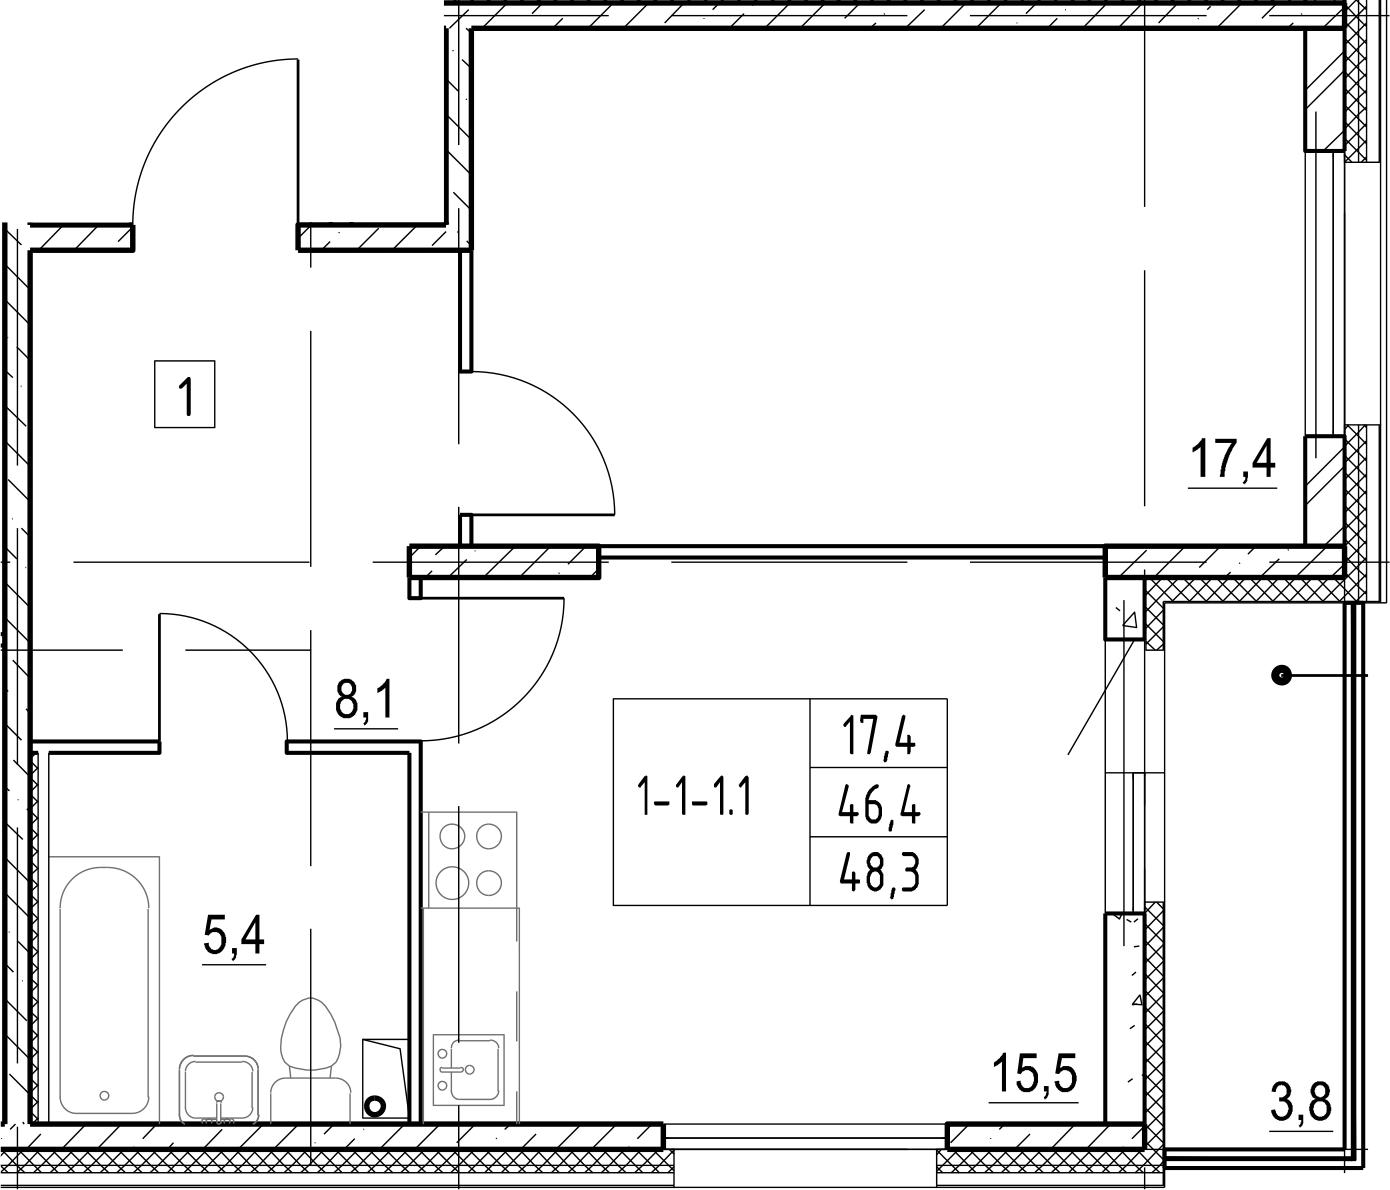 2Е-к.кв, 48.3 м², 1 этаж